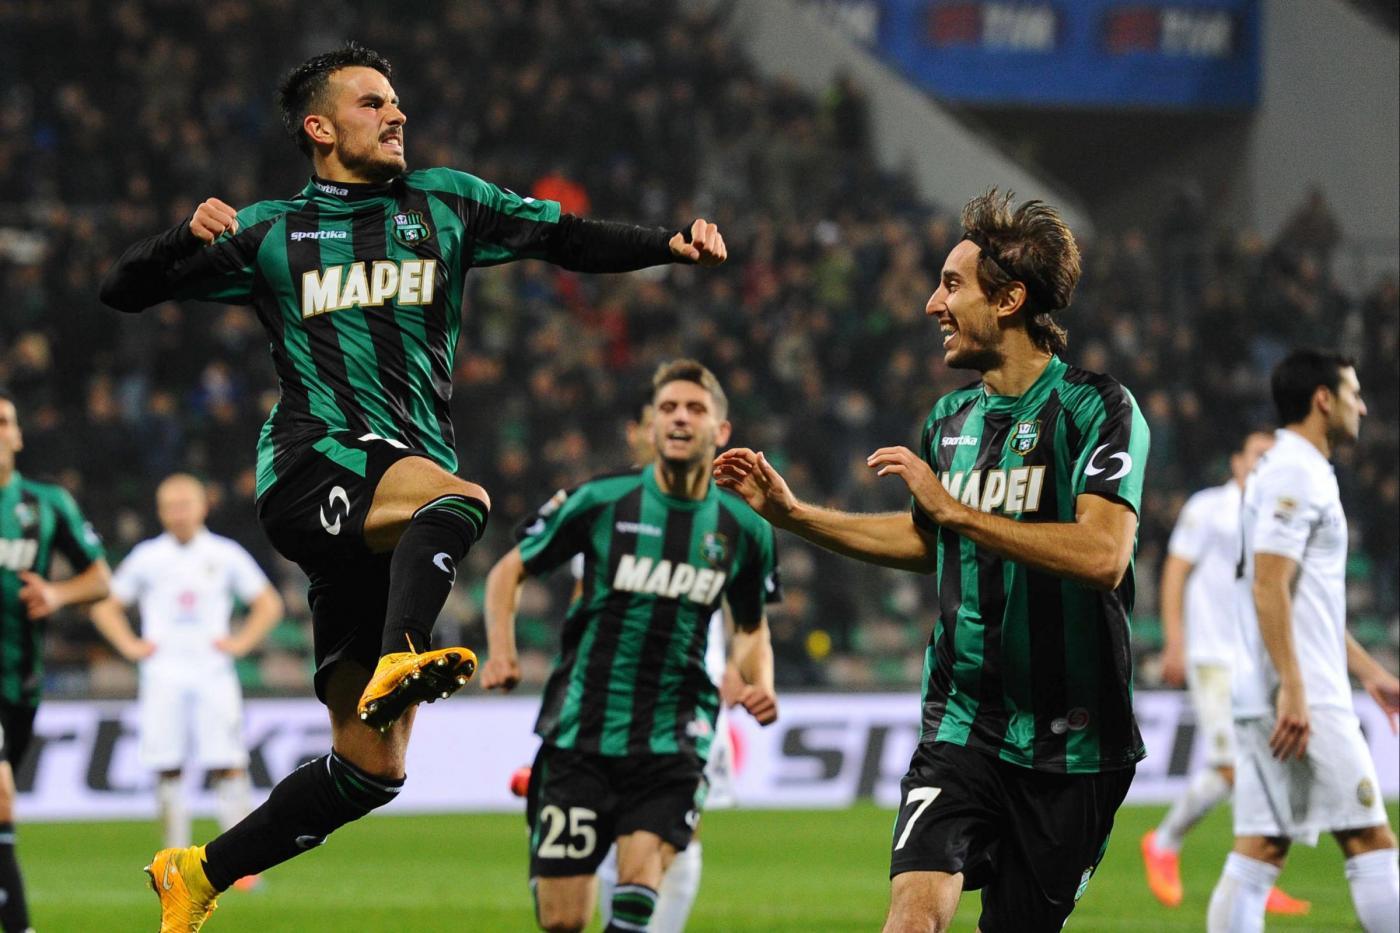 Sassuolo verona 2 1 decide taider di francesco aggancia il milan foto - Sassuolo italia ...